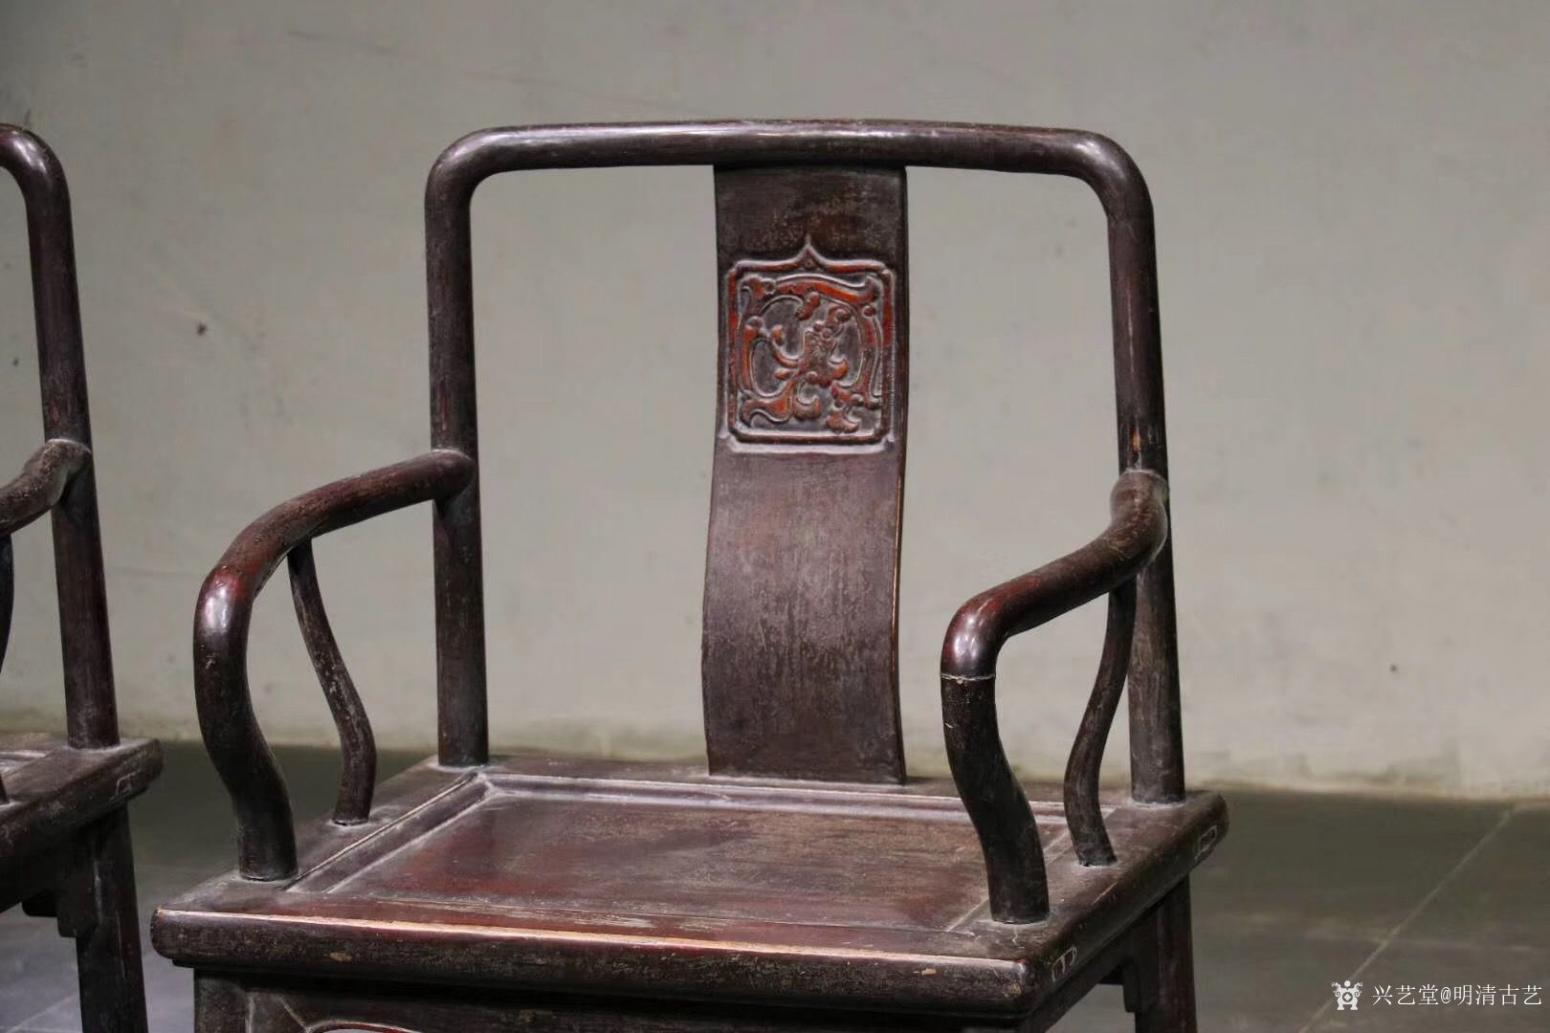 明清古艺文玩杂项作品《收藏品:明式楠木椅》【图1】